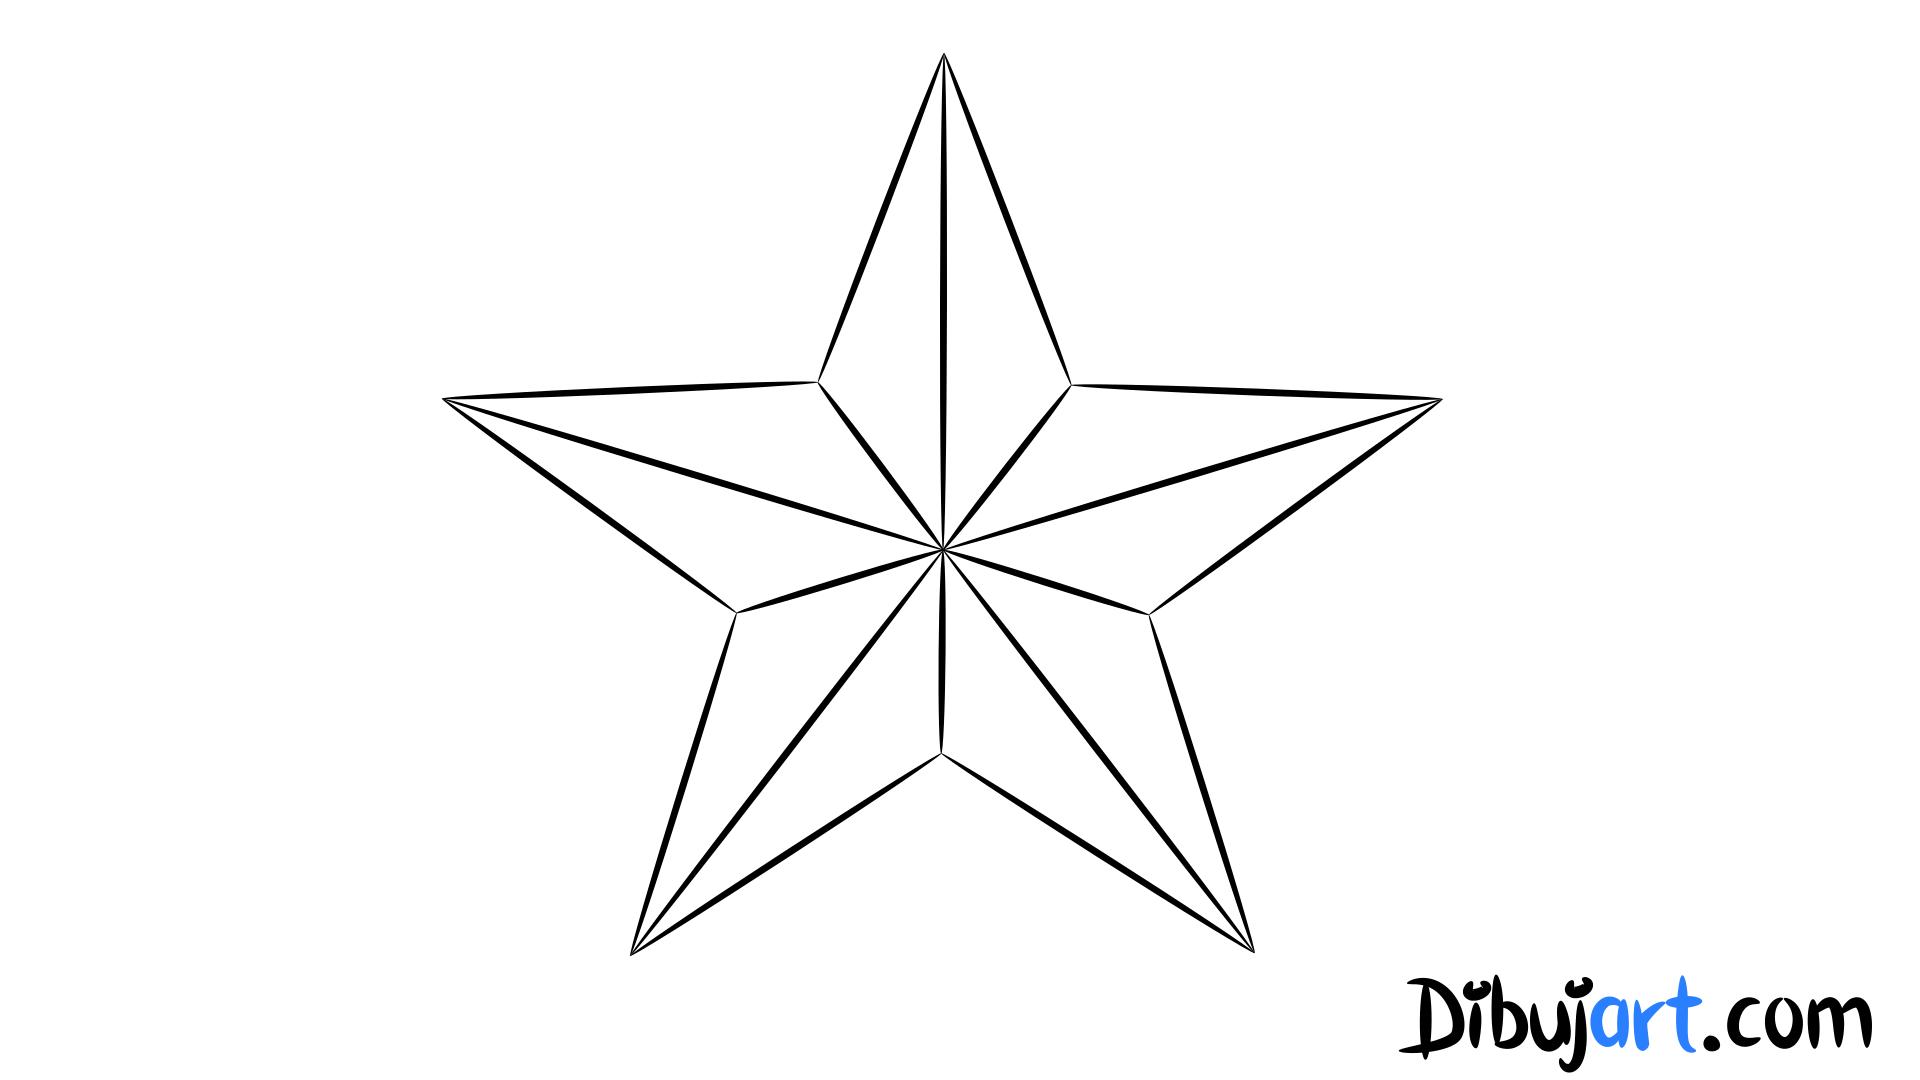 Cómo Dibujar Una Estrella Paso A Paso Dibujartcom